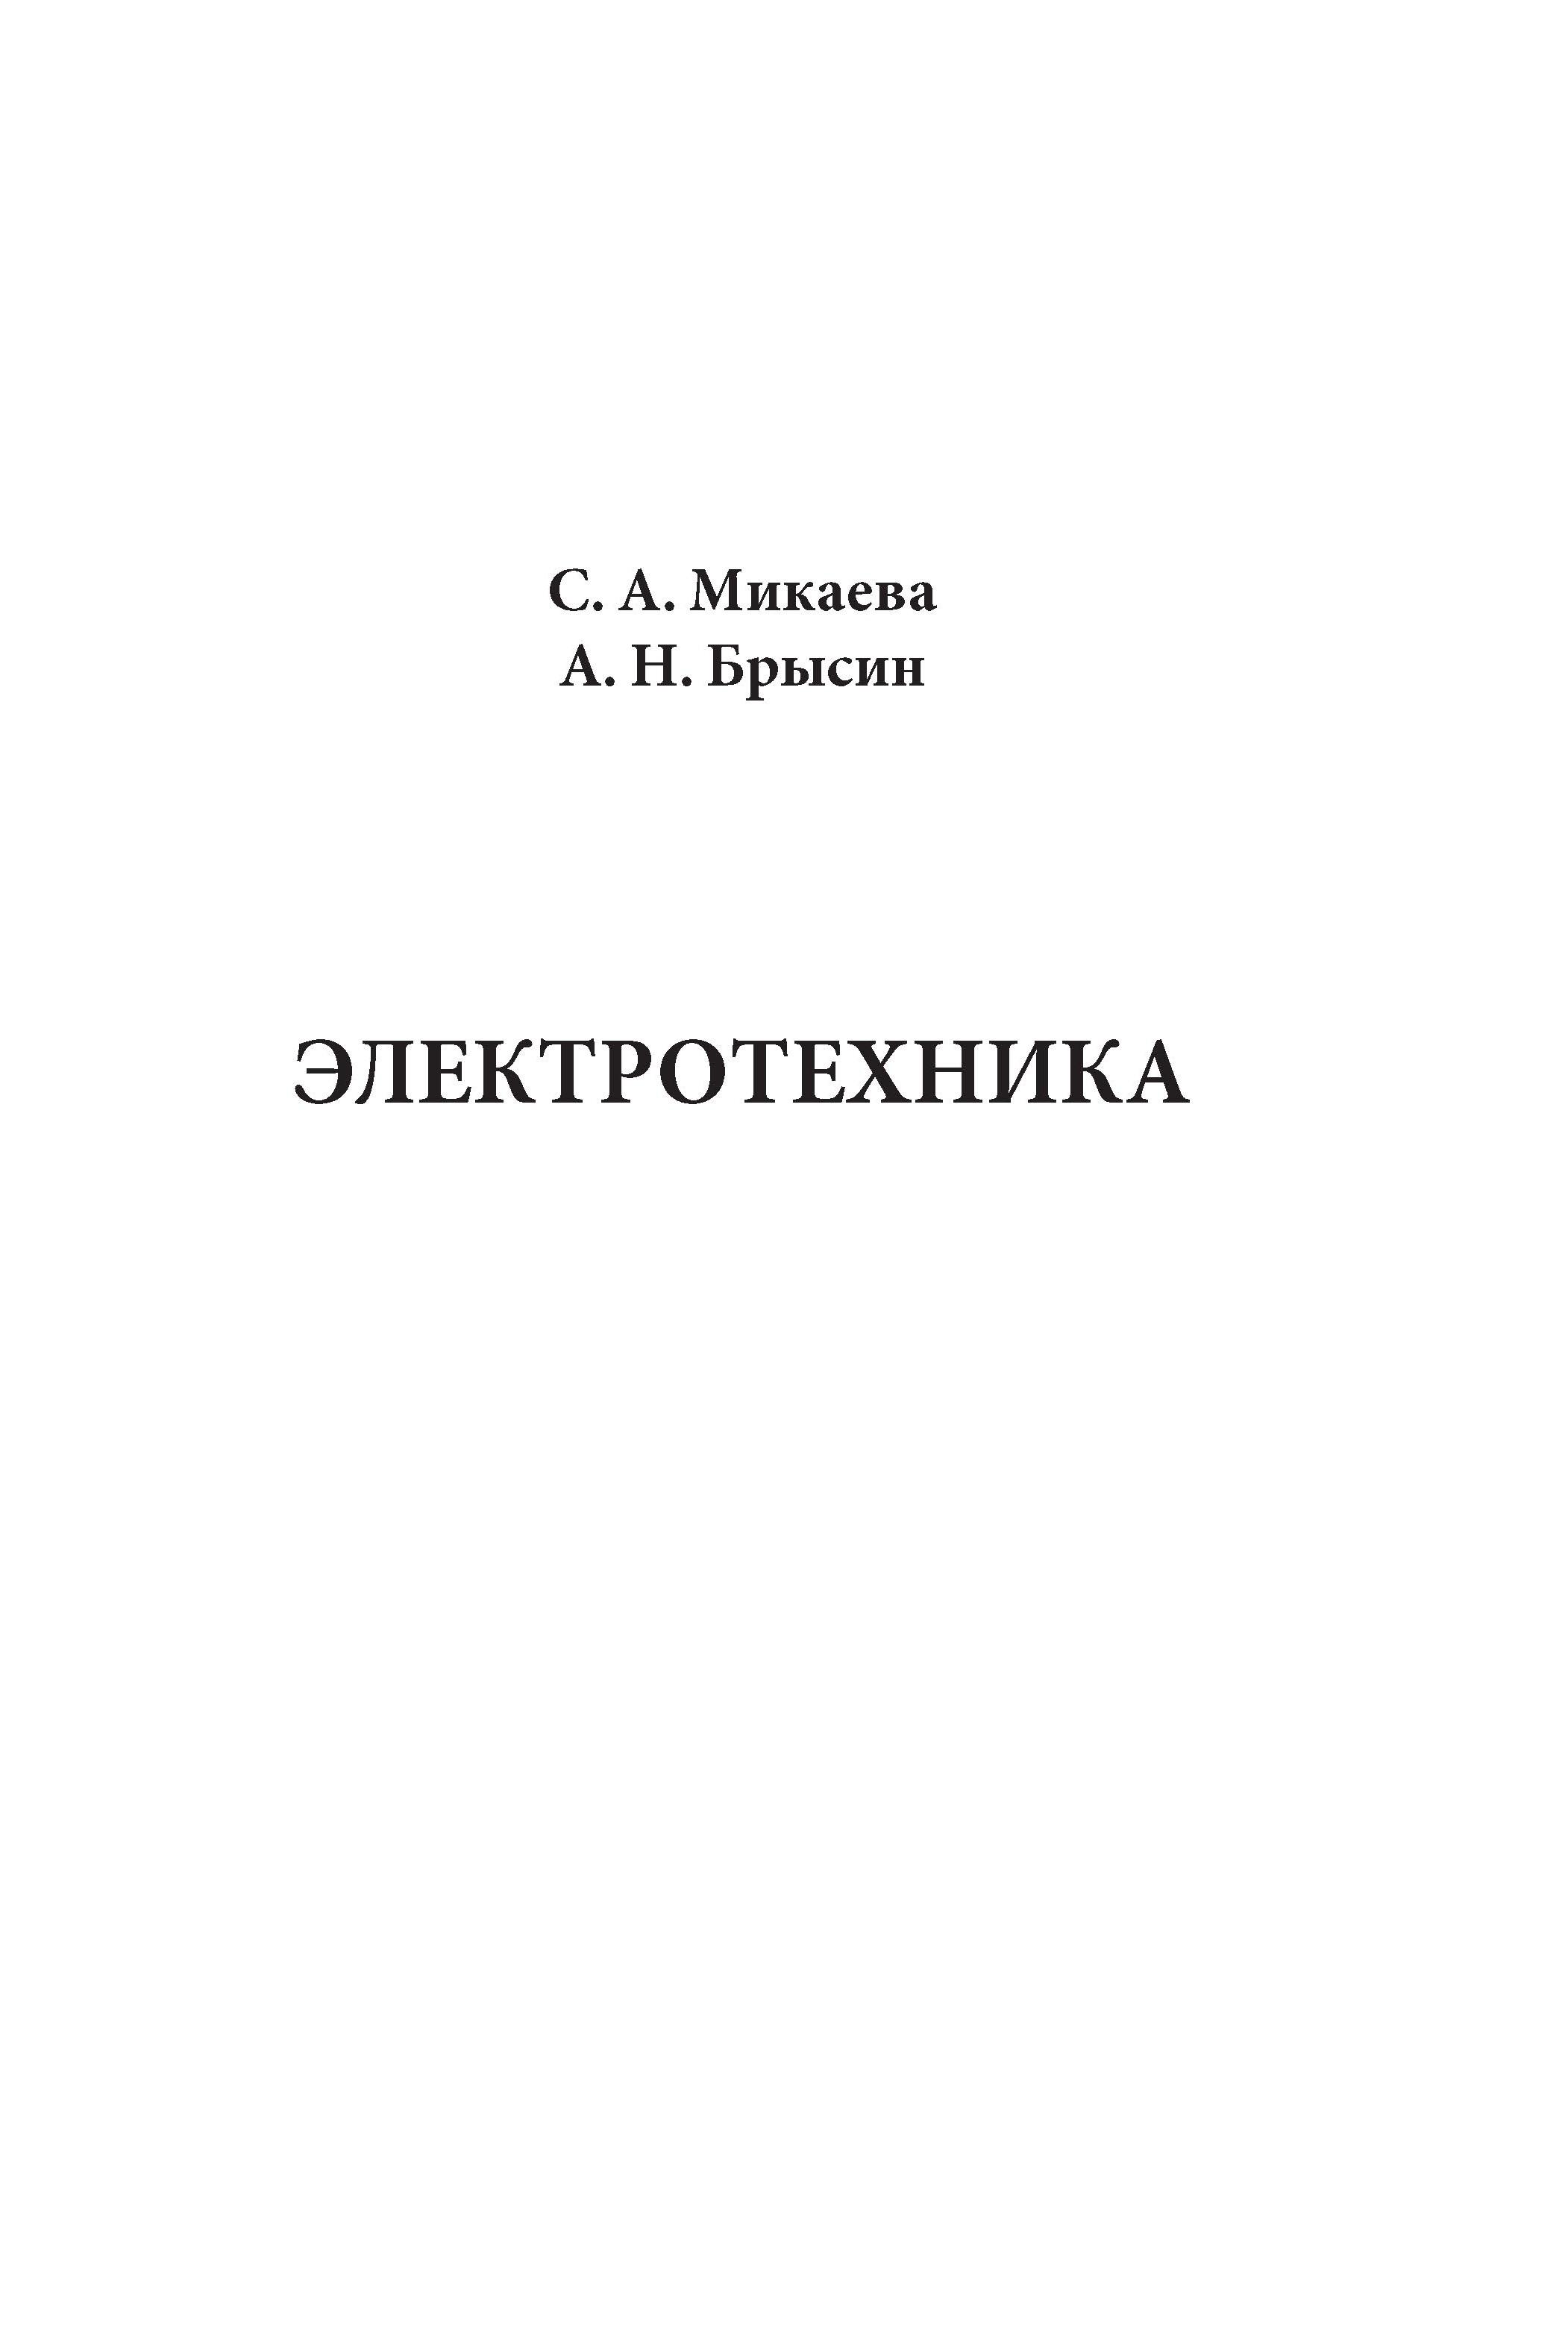 С. А. Микаева Электротехника е ф цапенко расчёт переходных процессов в линейных электрических цепях